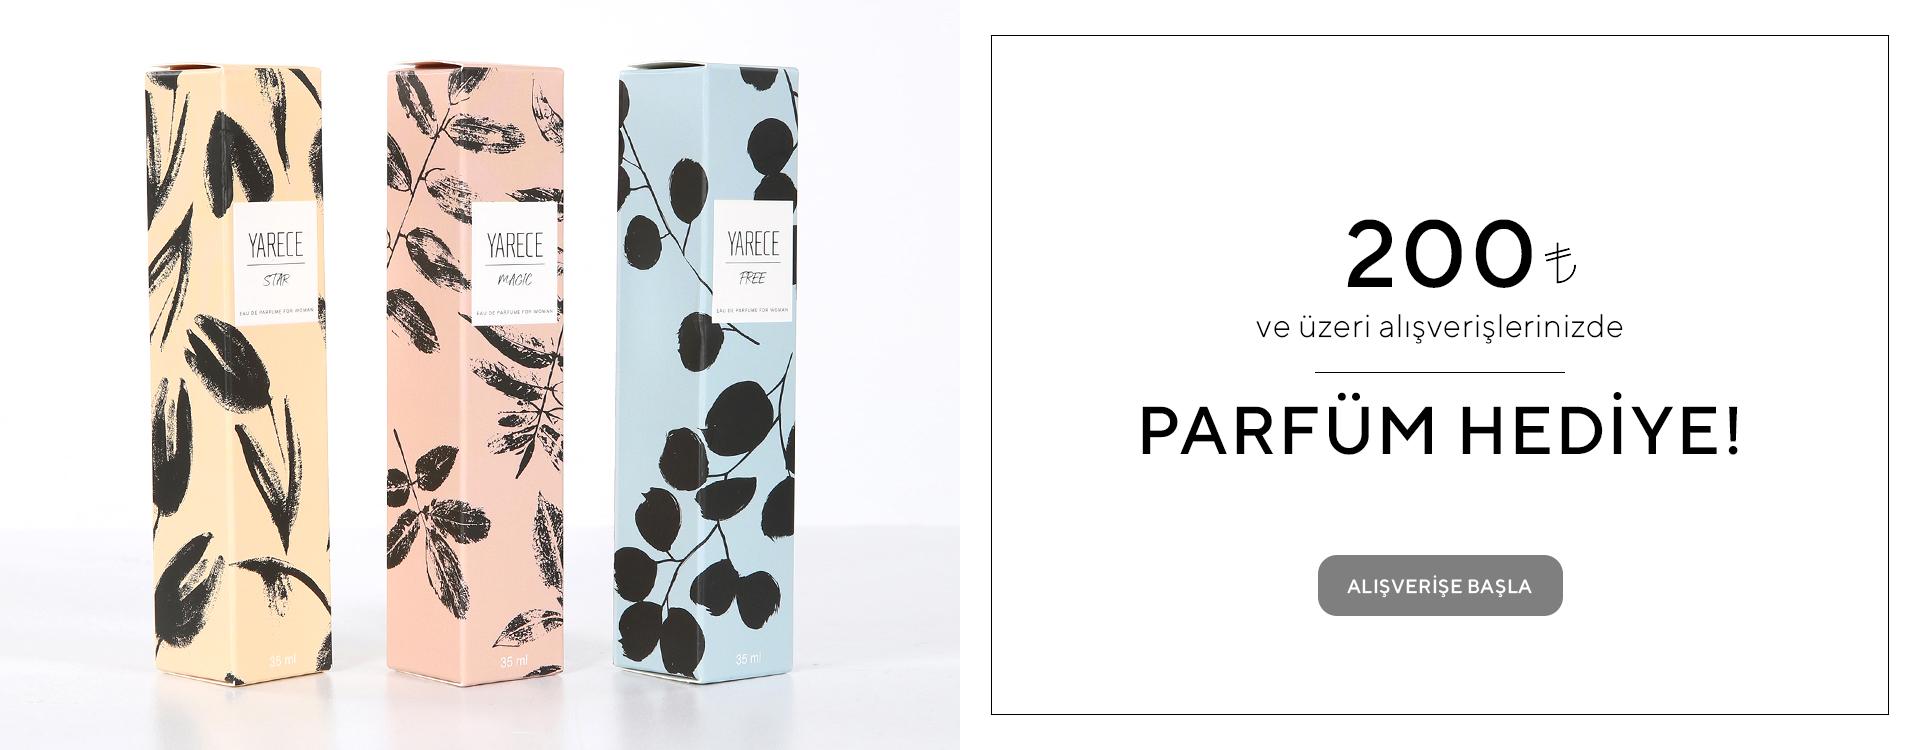 200 TL Üzeri Parfüm Hediye